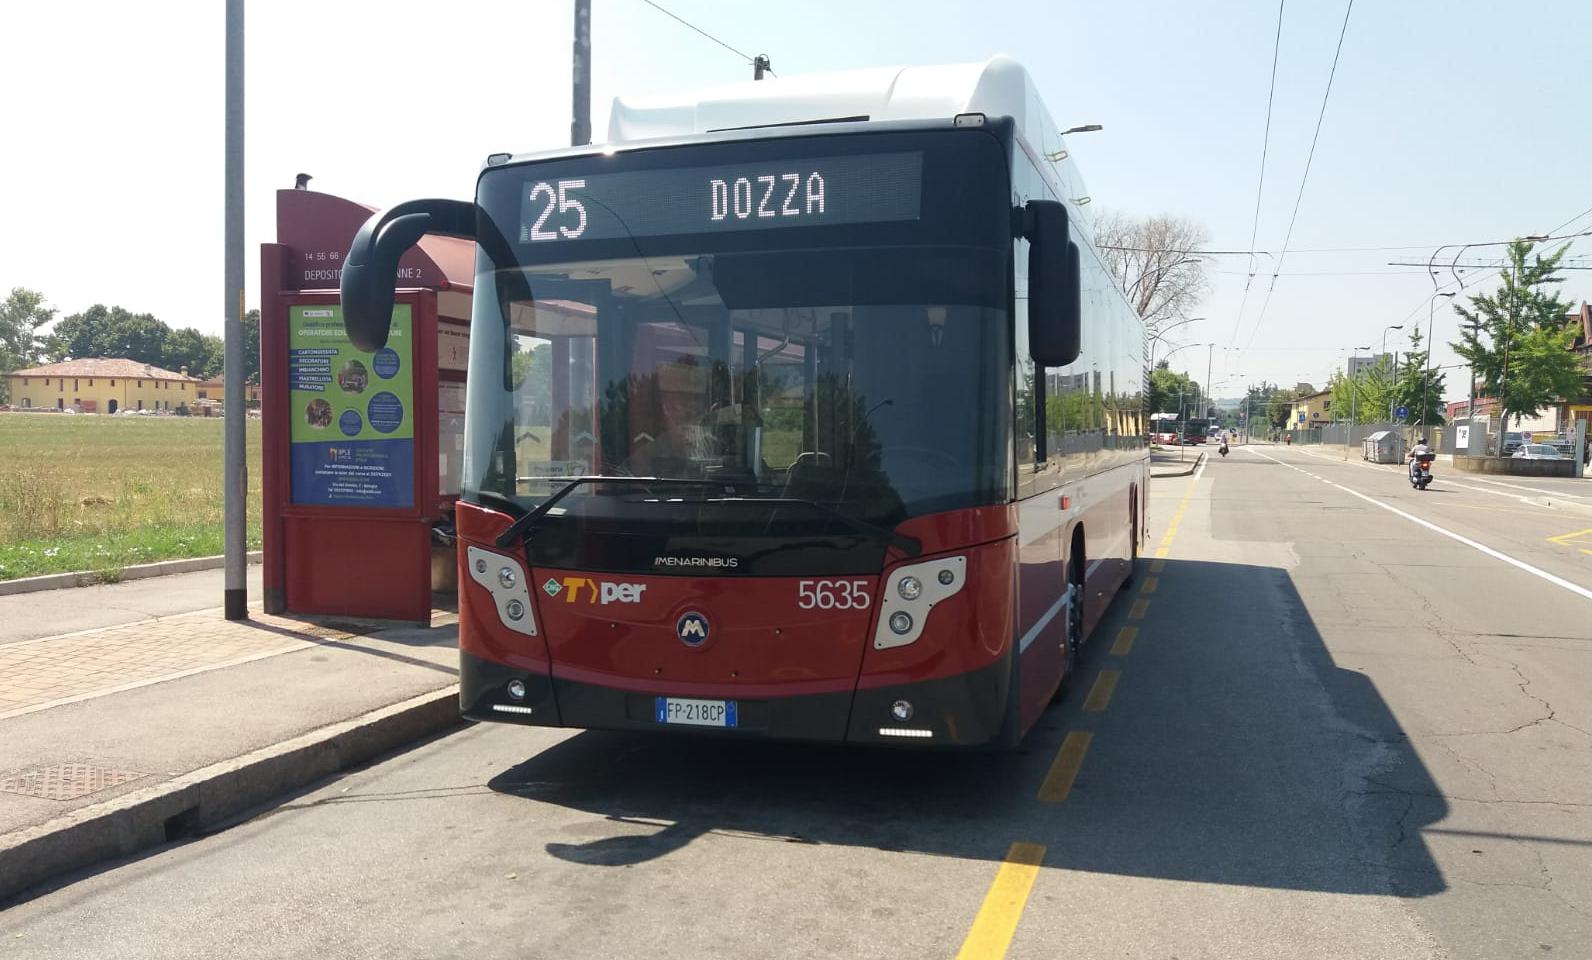 gas cng bus tper